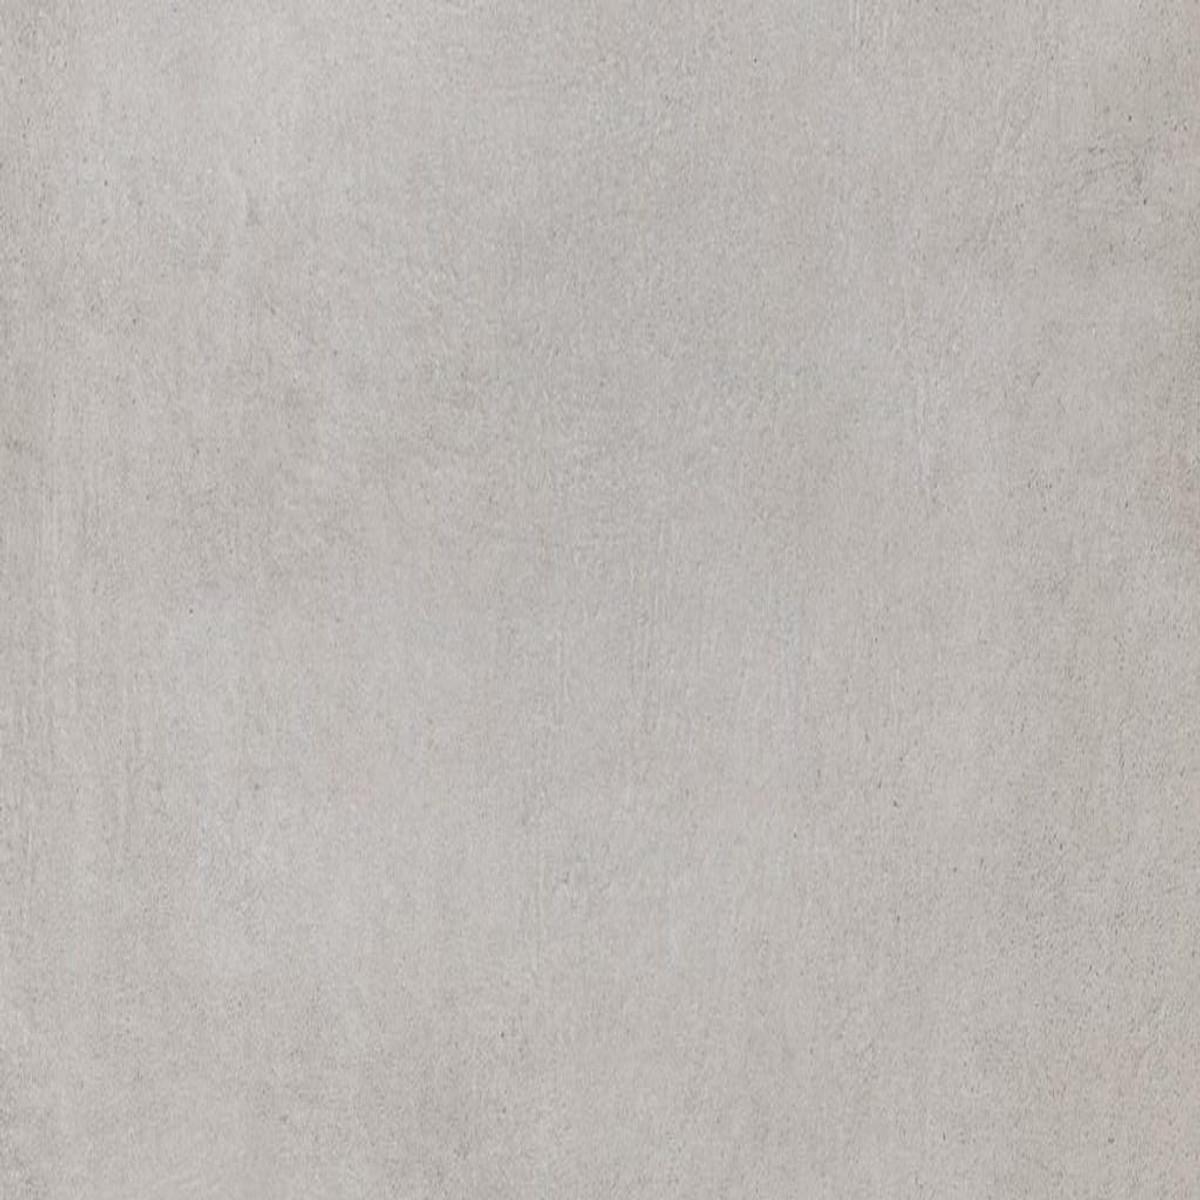 Bodenfliese Progetto Baucer Resort grigio 60 x 60 cm